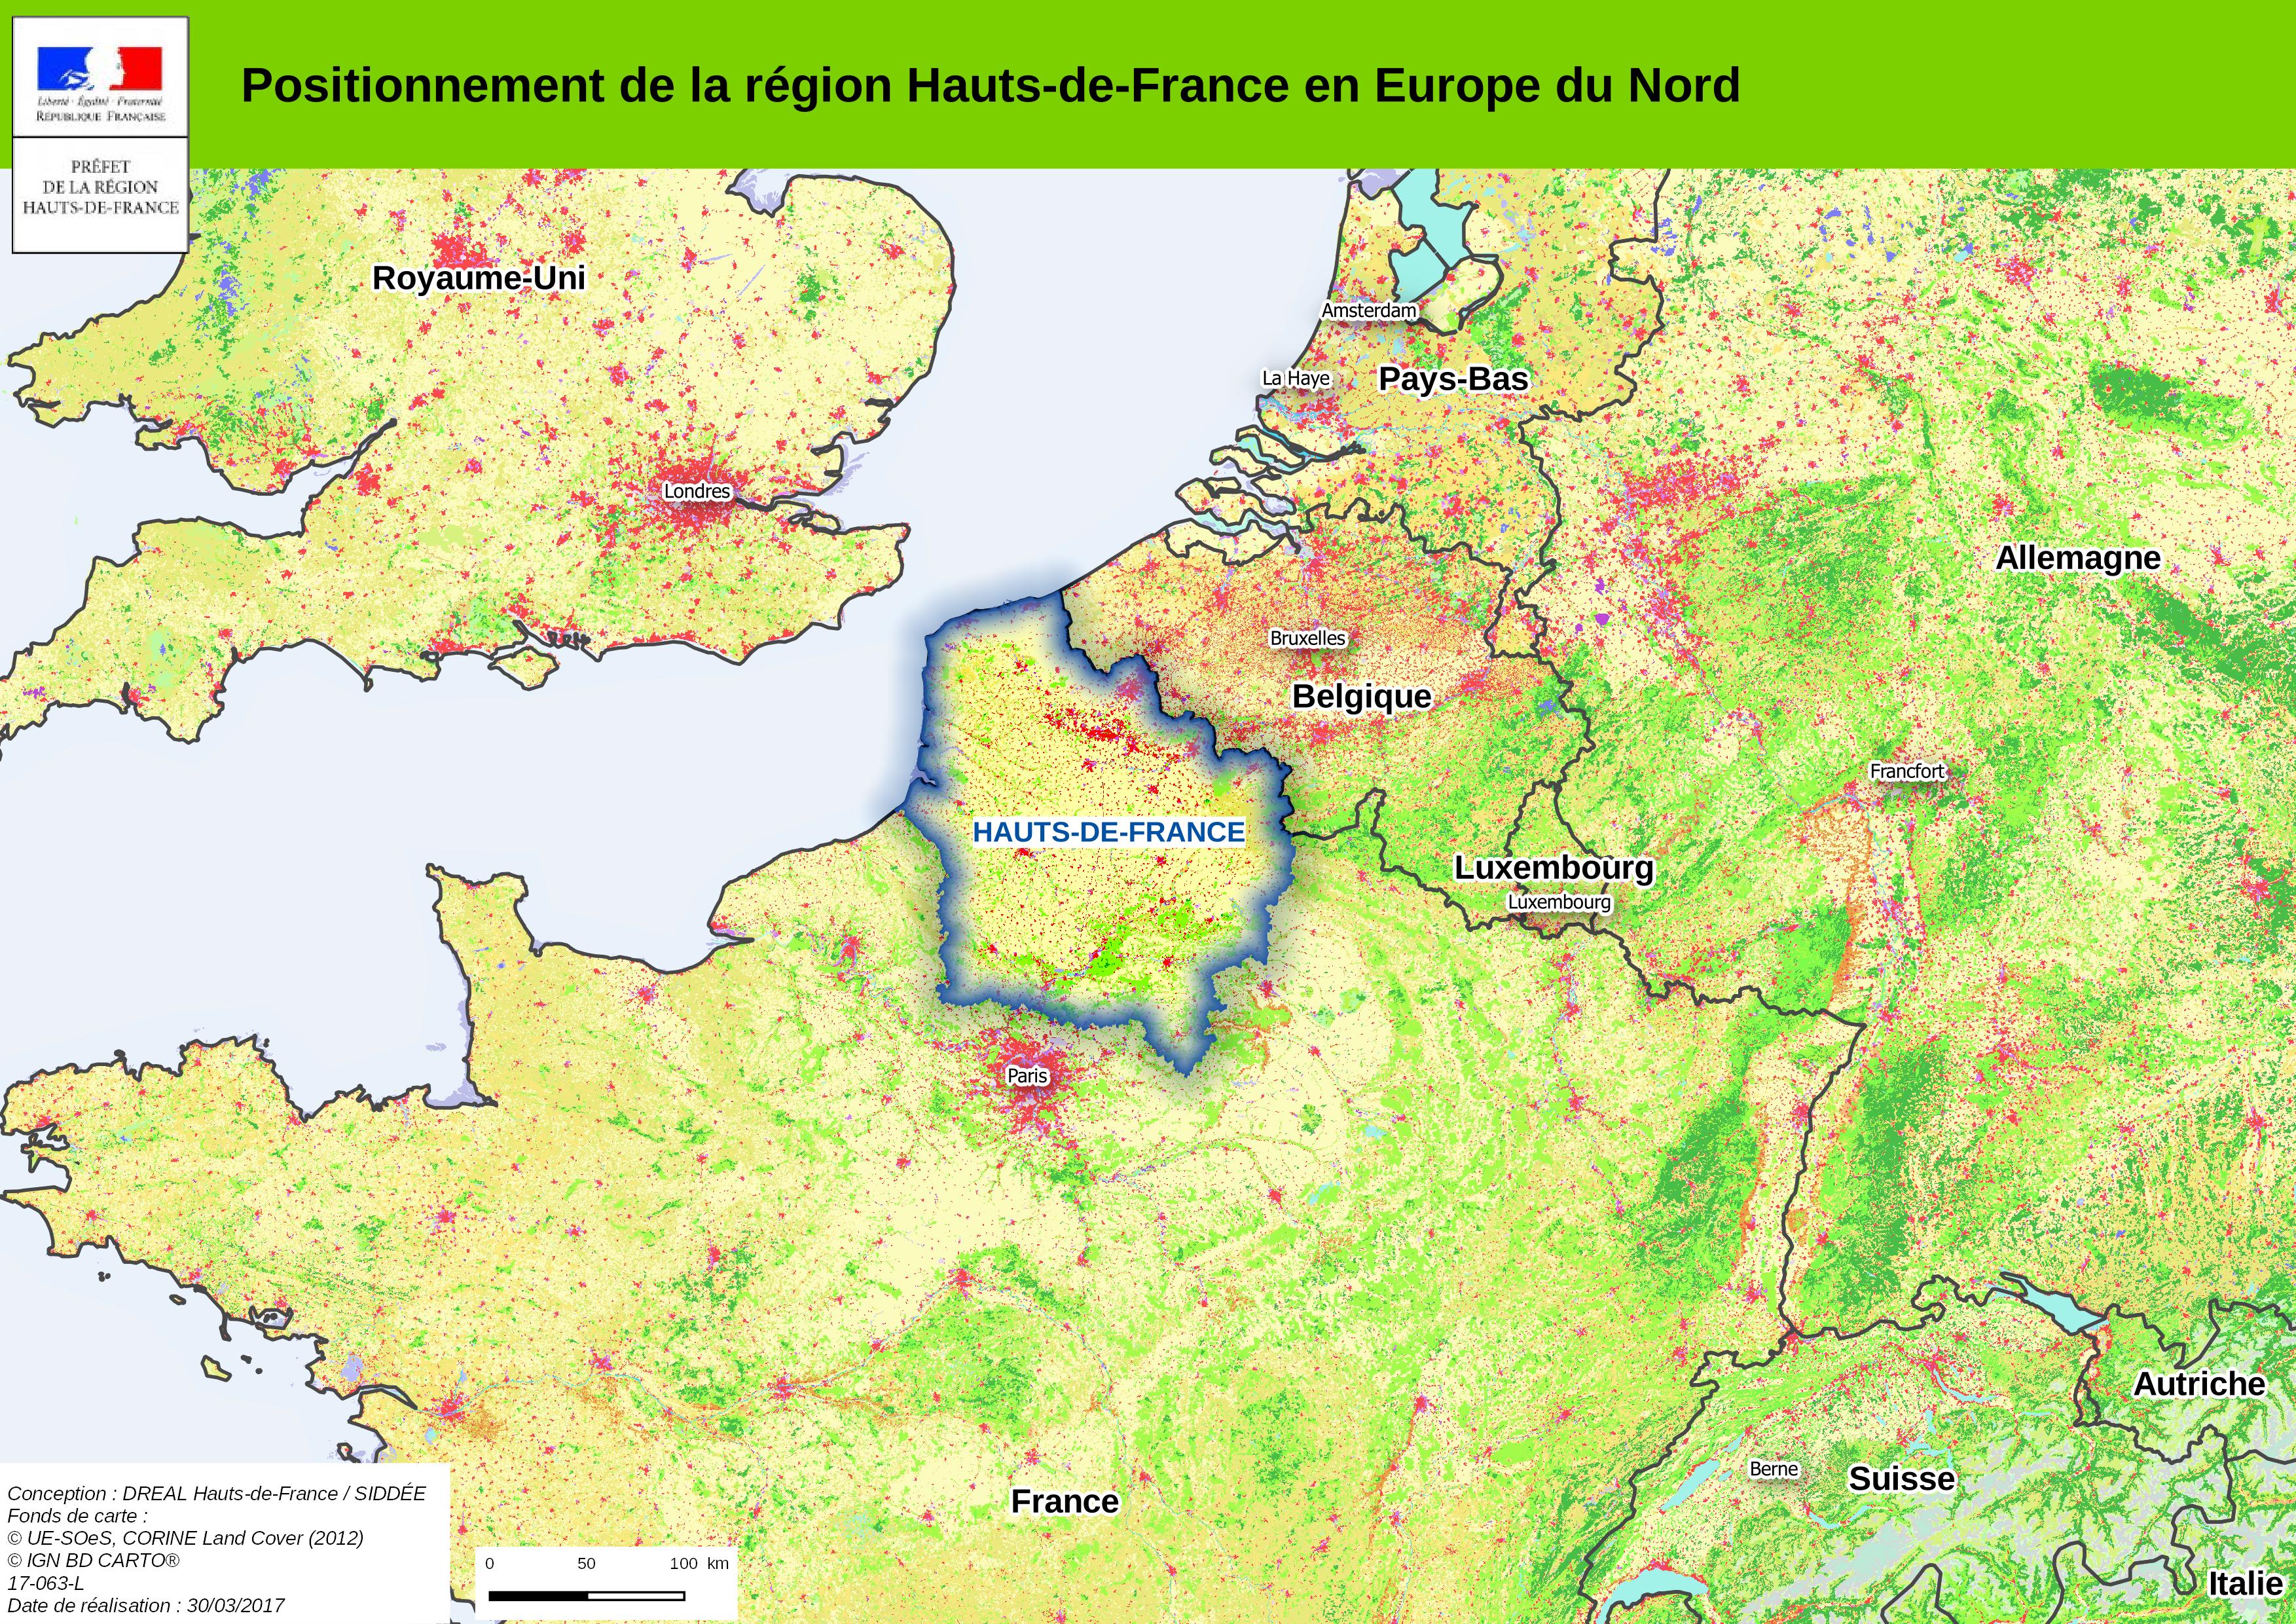 Positionnement de la région Hauts-de-France en Europe du Nord